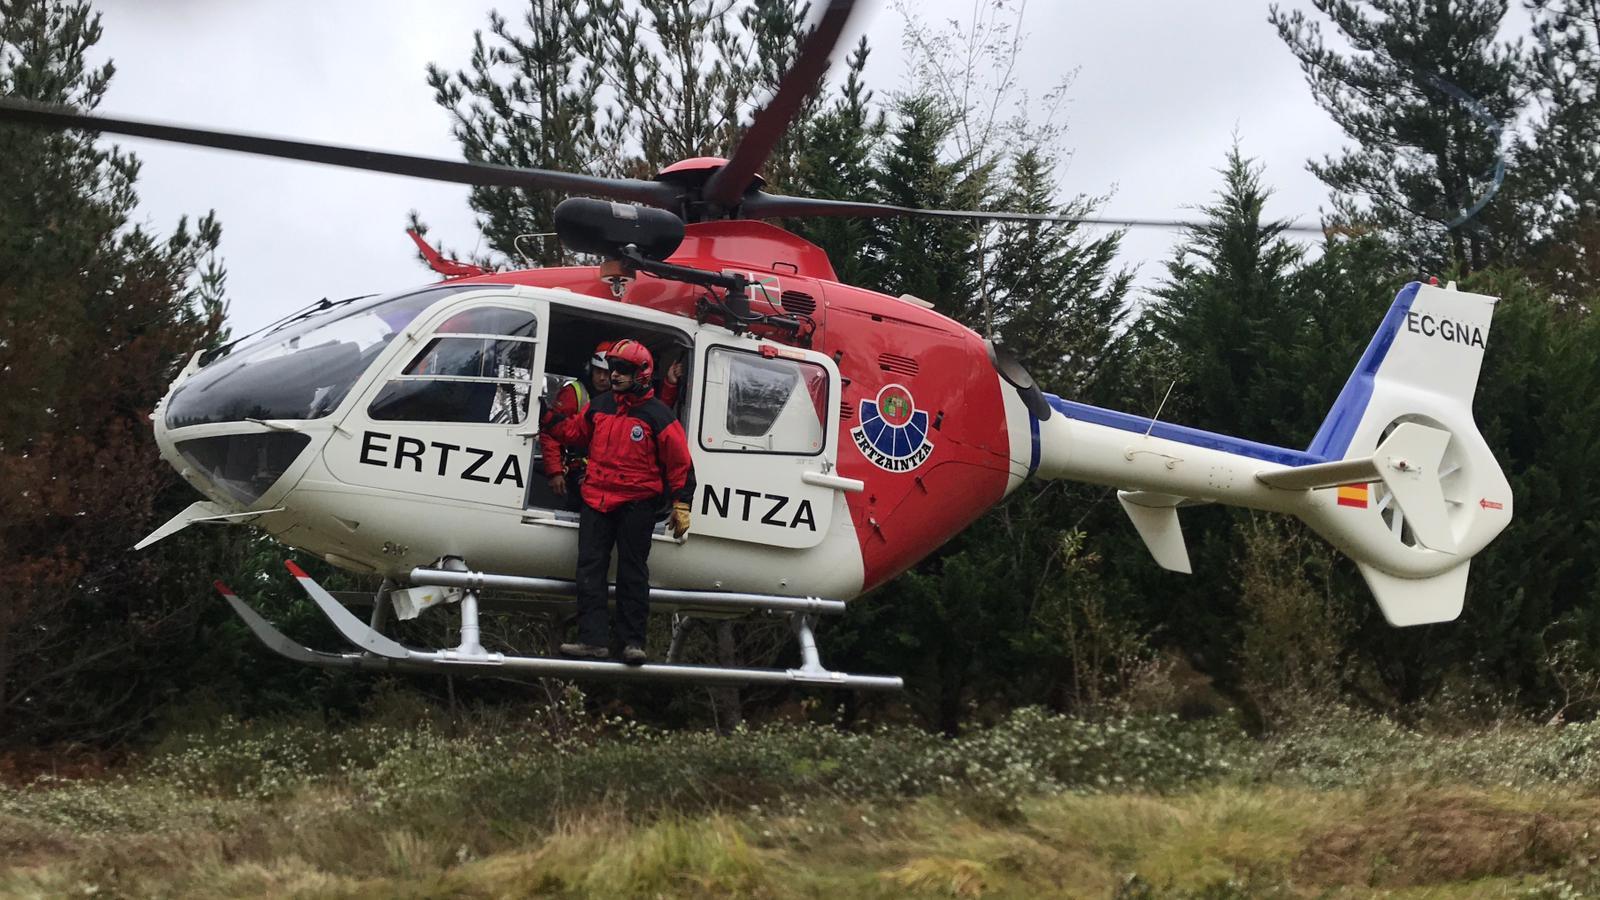 Los Servicios de Emergencias de Euskadi rescatan a un ciclista accidentado en Elduain